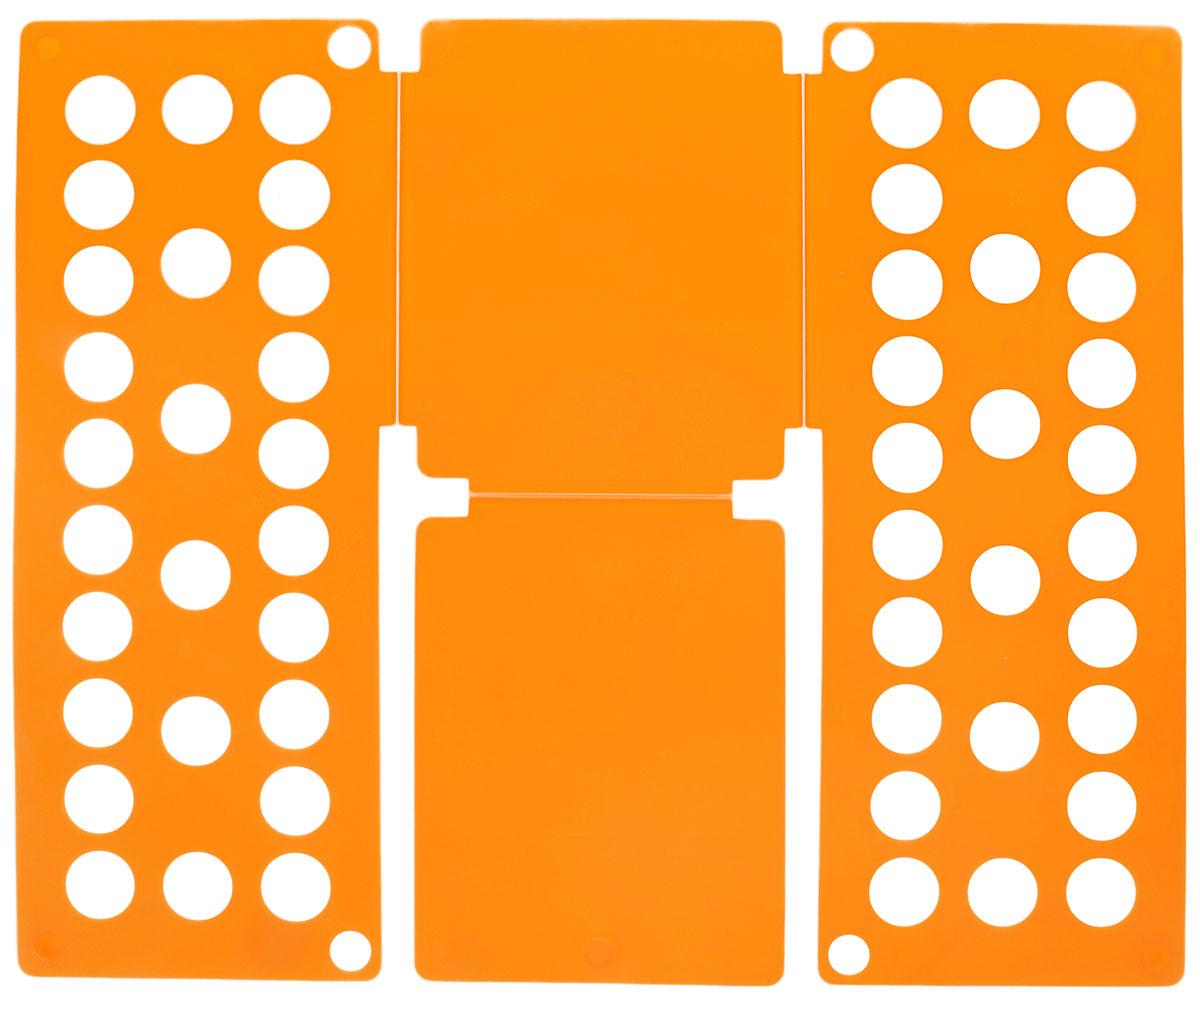 Приспособление для складывания одежды Sima-land, цвет: оранжевый97526Приспособление для складывания одежды Sima-land поможет навести порядок в вашем шкафу. С ним вы сможете быстро и аккуратно сложить вещи. Приспособление подходит для складывания полотенец, рубашек поло, вещей с короткими и длинными рукавами, футболок, штанов. Не подойдет для больших размеров одежды. Приспособление выполнено из качественного прочного пластика. Изделие компактно складывается и не занимает много места при хранении. Размер в сложенном виде: 40 х 16 см.Размер в разложенном виде: 48 х 40 см.